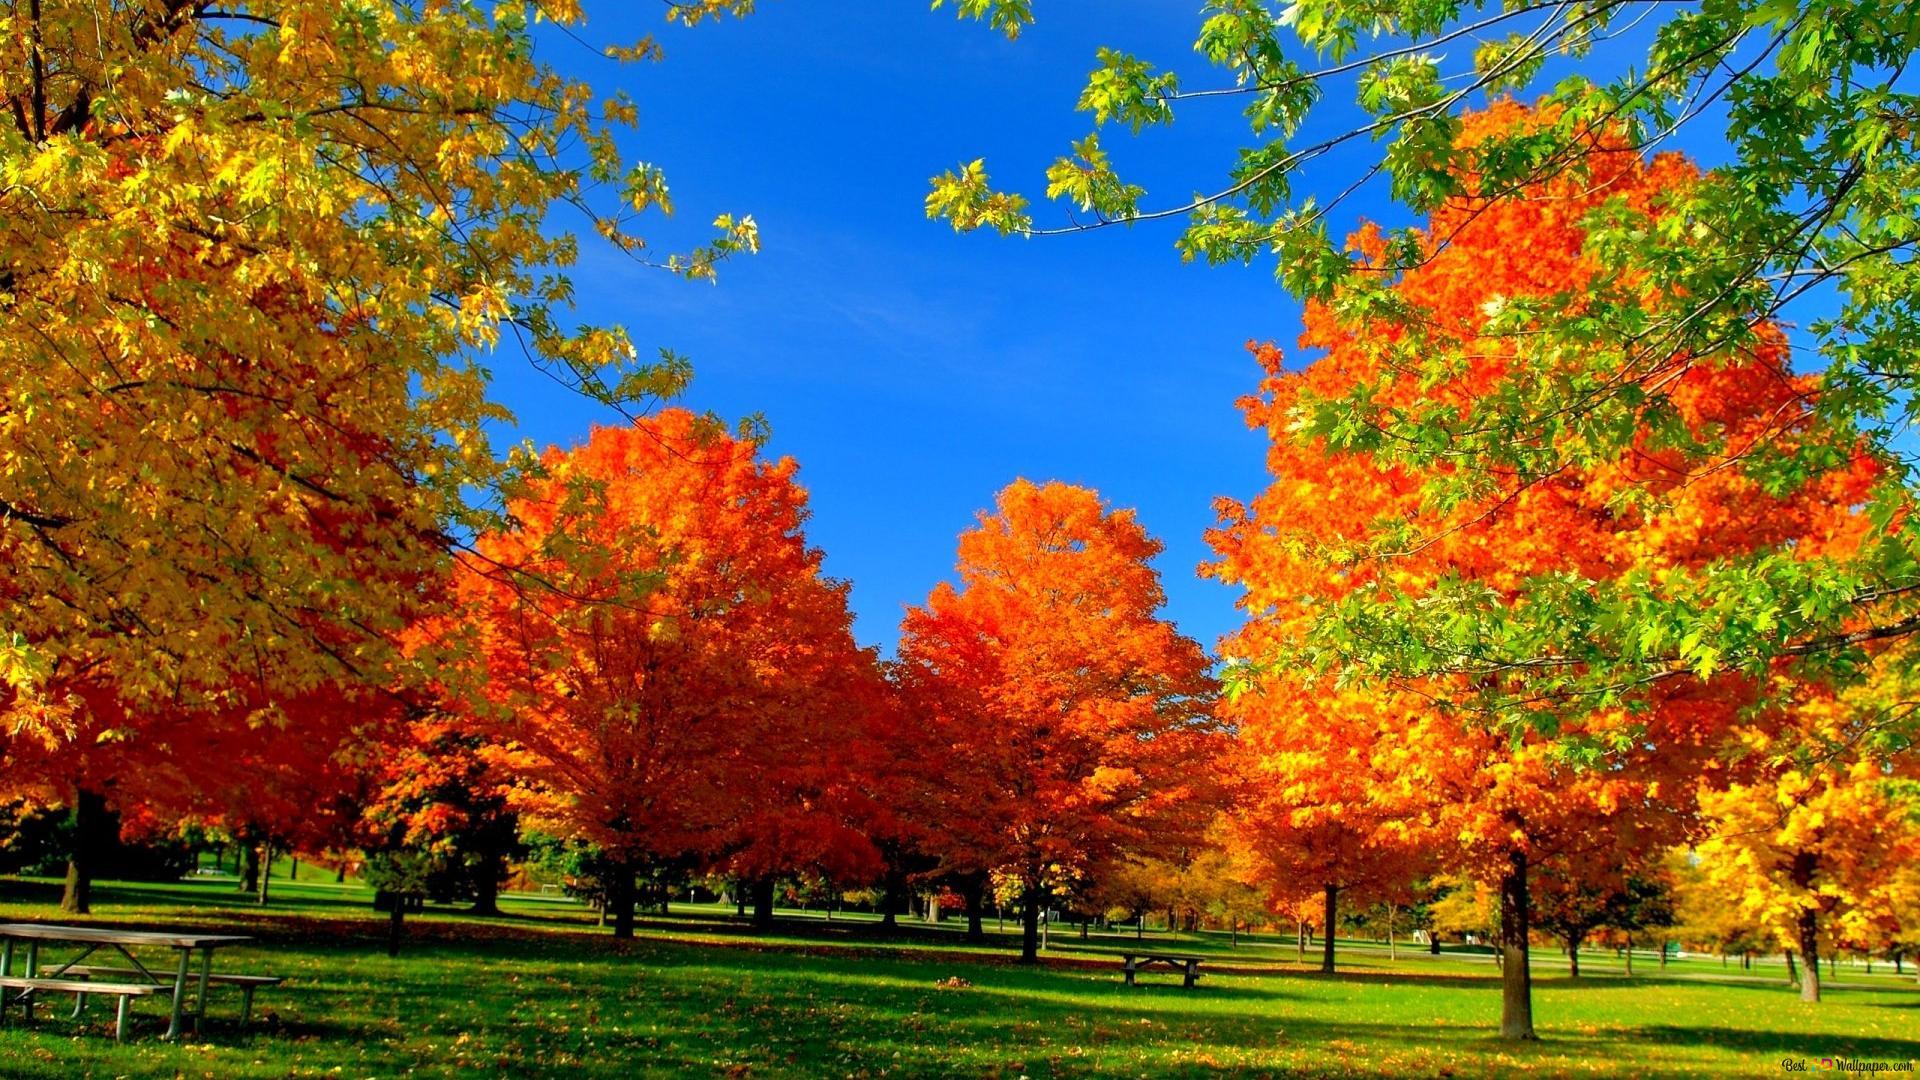 公園で秋の木 Hd壁紙のダウンロード